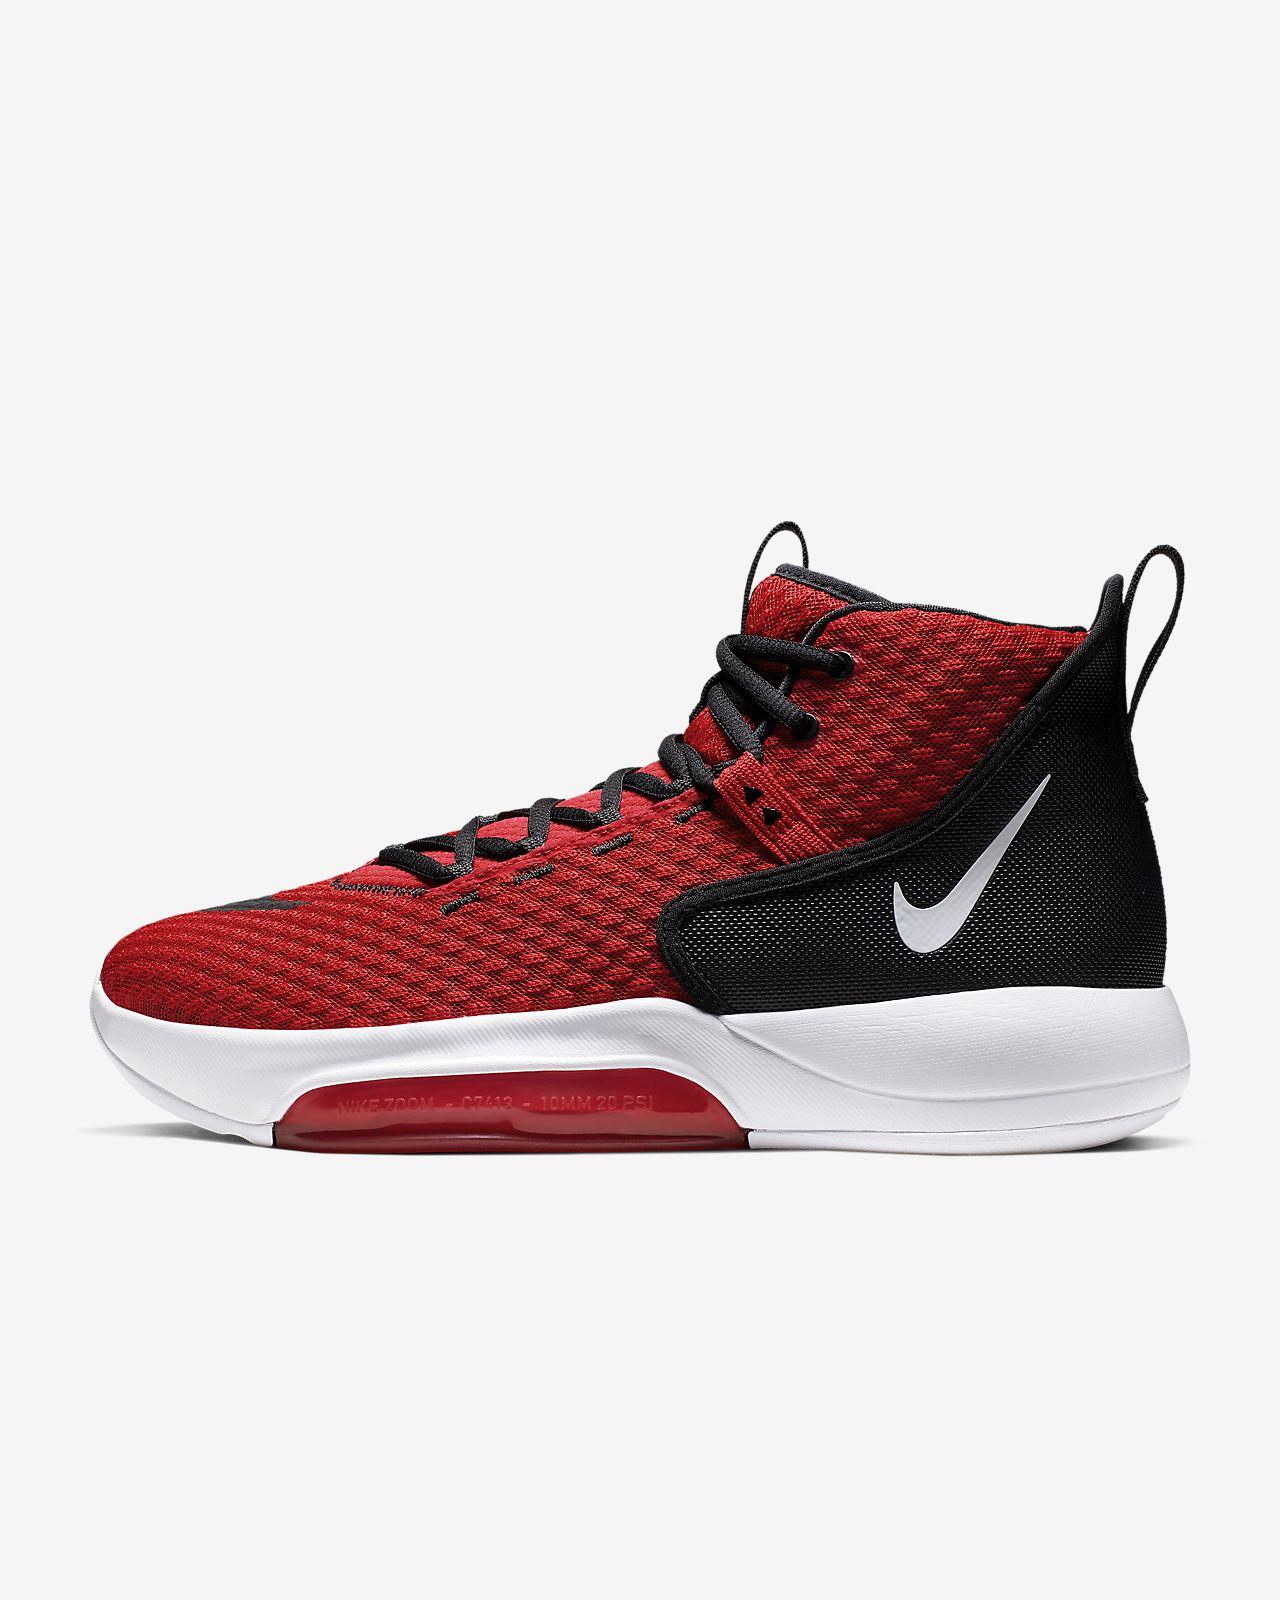 Nike Zoom Rize (Team) Basketbalschoen